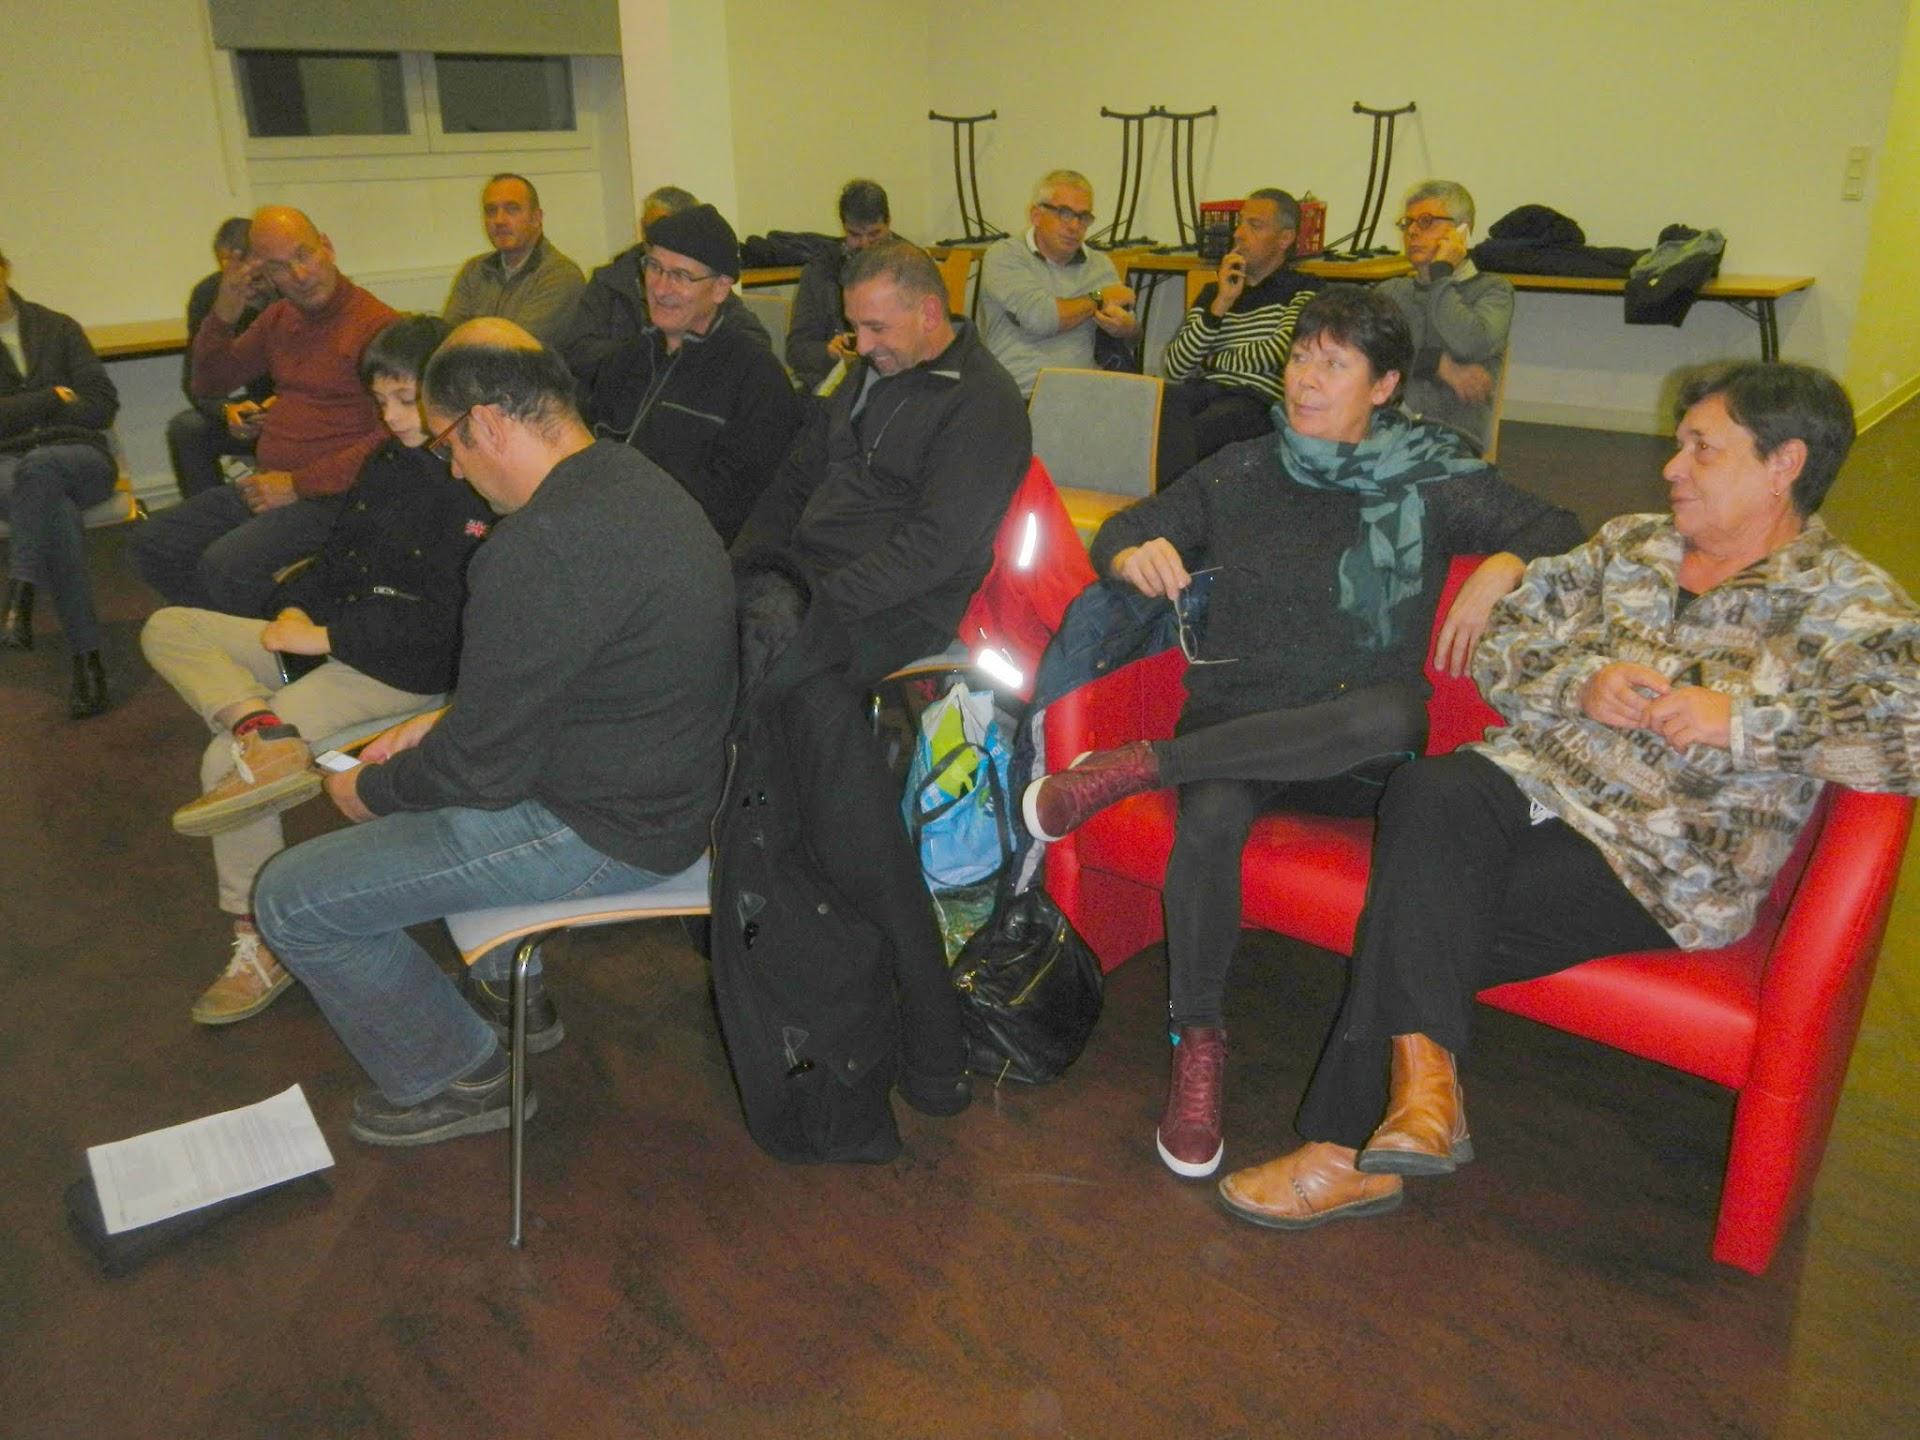 Ffessm Codep87 Fr Derniere Reunion De Travail Pour L Operation Limoges Ma Vienne Propre D Une Rive A L Autre